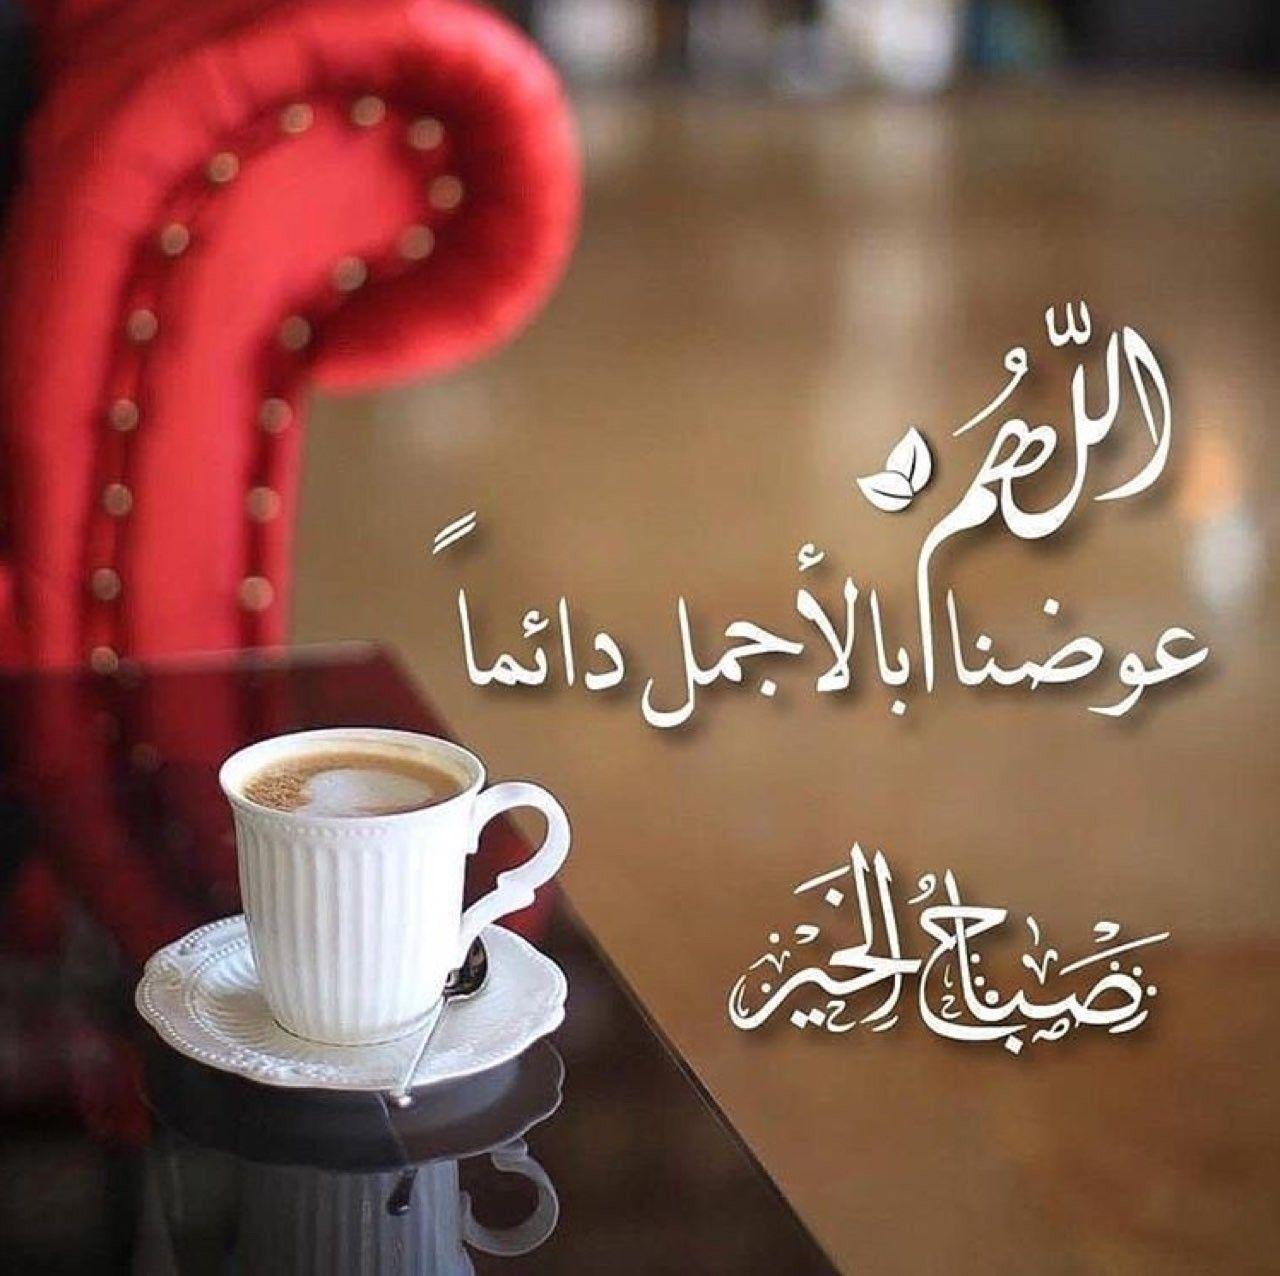 التفاؤل رئة الحياة فاملأ هذه الرئة باليقين وحسن الظن بالله Good Morning Arabic Glassware Tableware